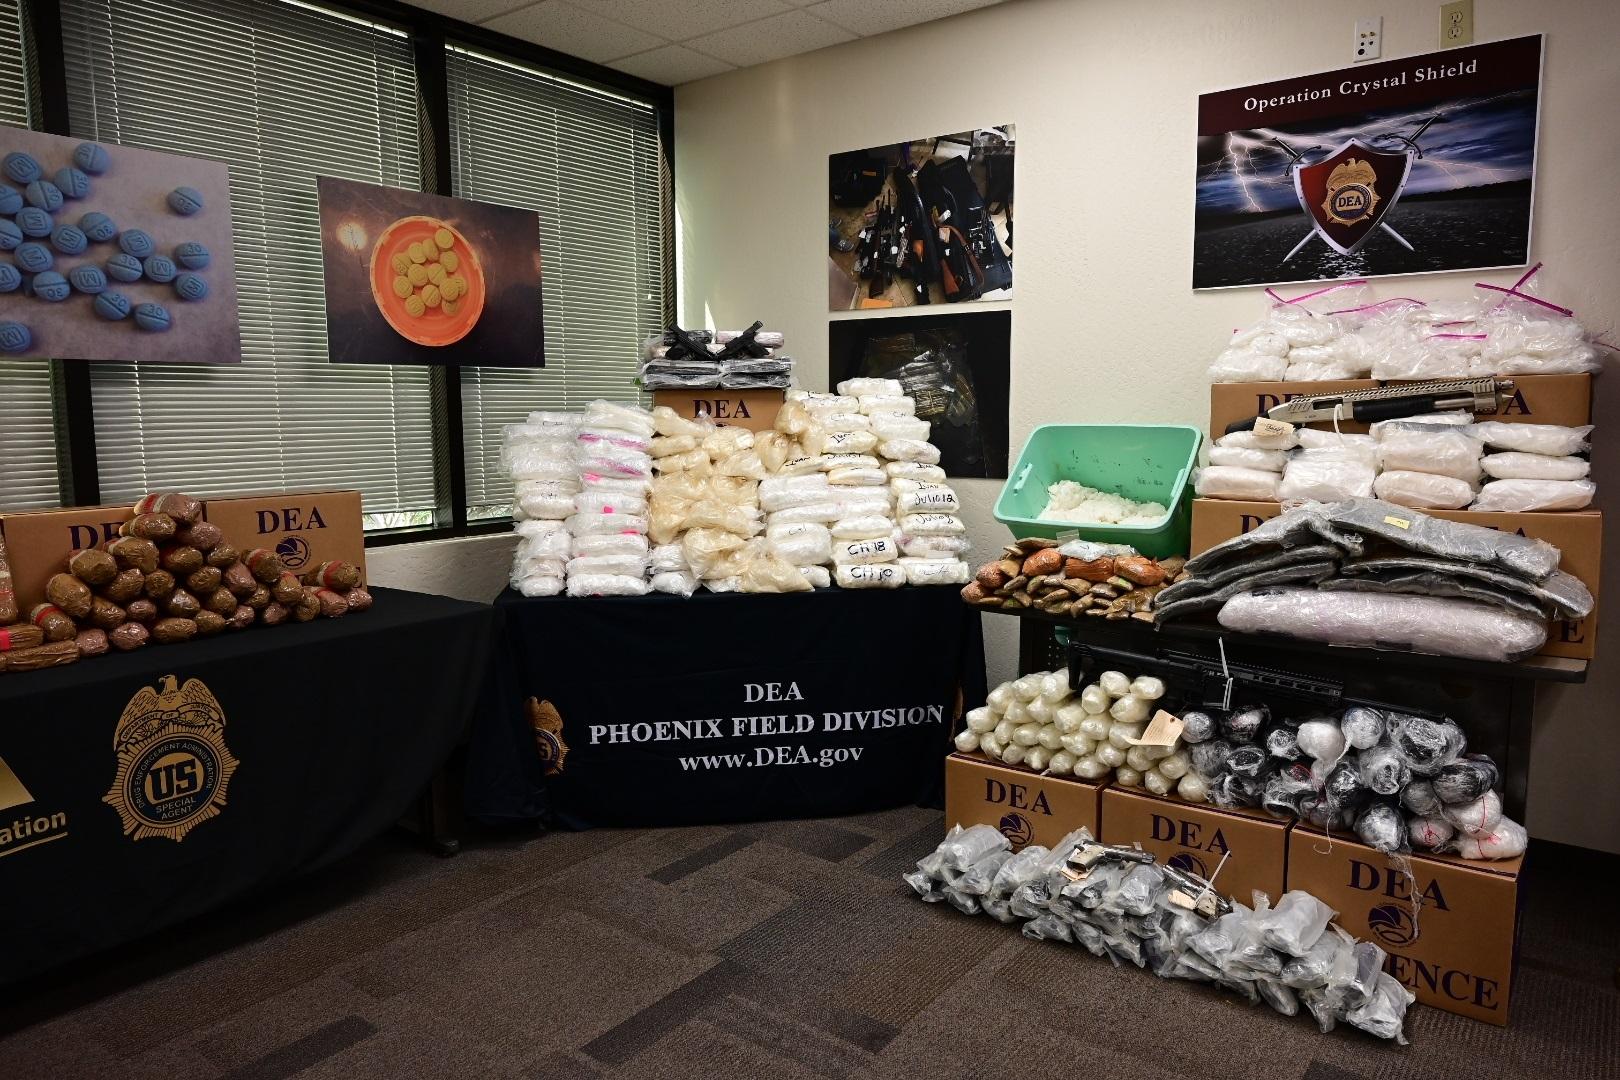 """Parte de la droga incautada durante la Operación """"Crystal Shield"""" (Escudo de Cristal) en Phoenix, Arizona. Foto de EFE/DEA."""